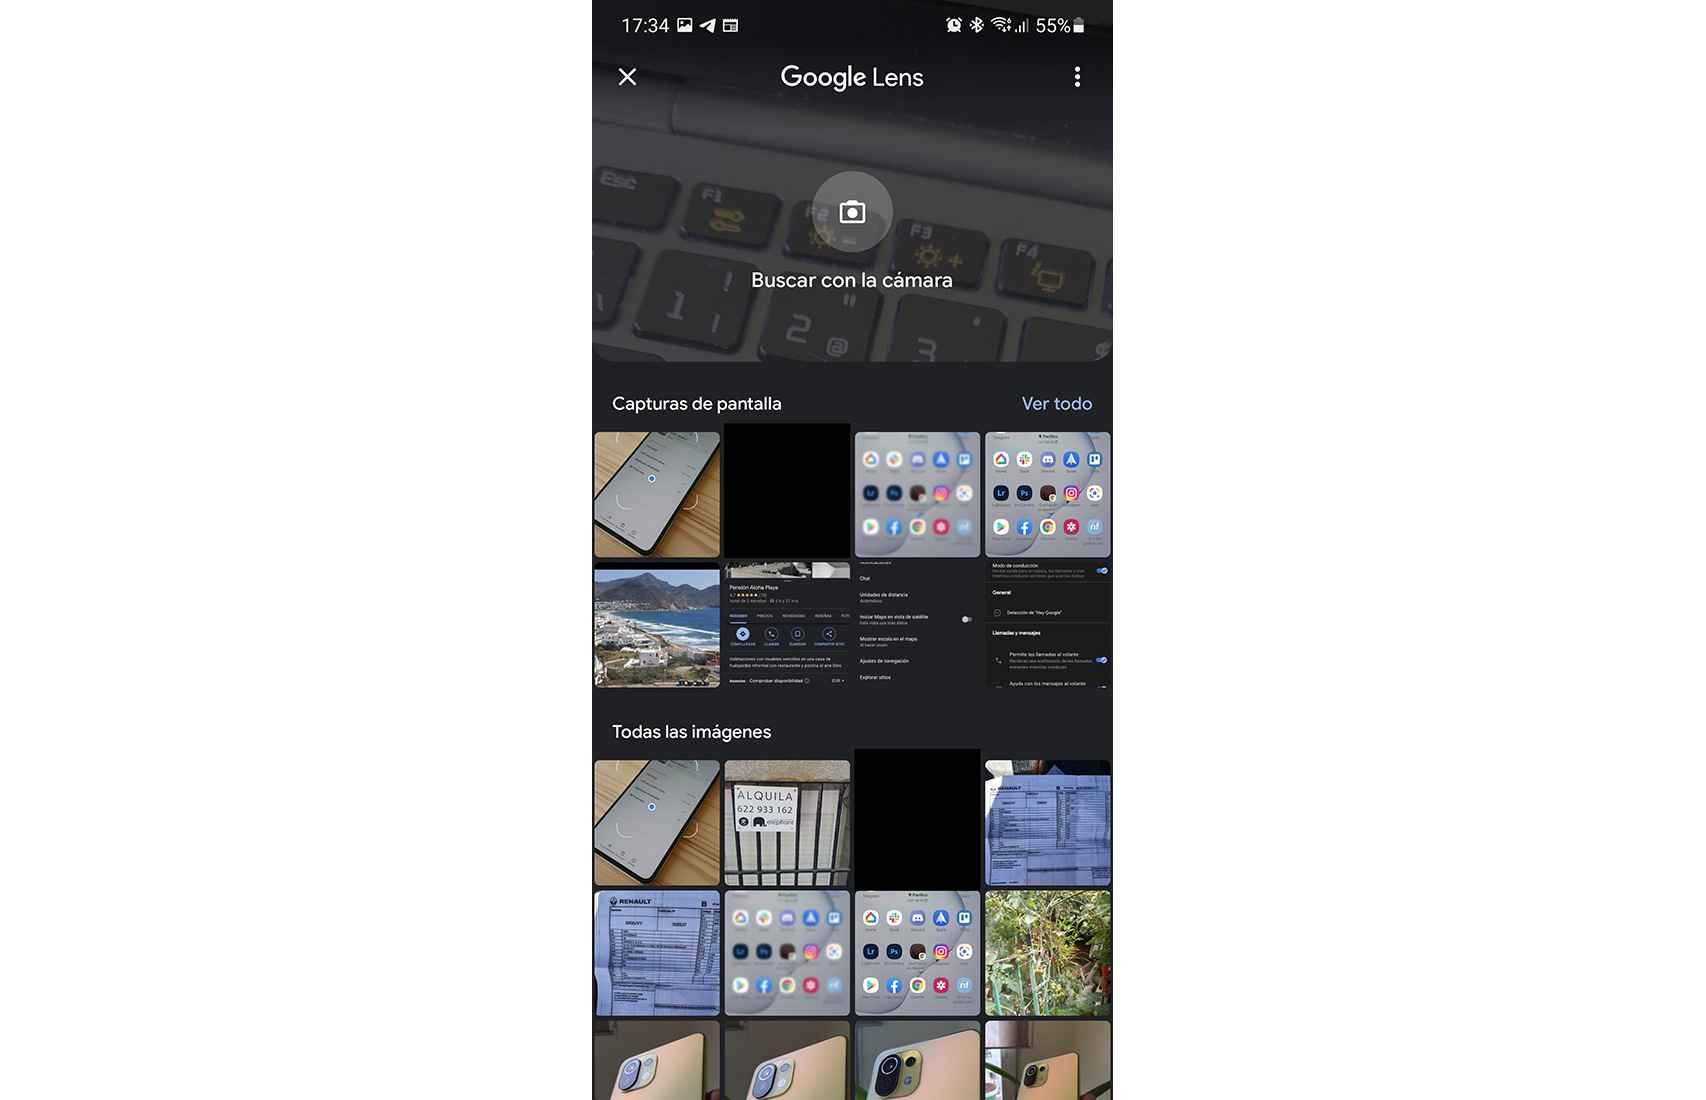 Actualización de Google Lens